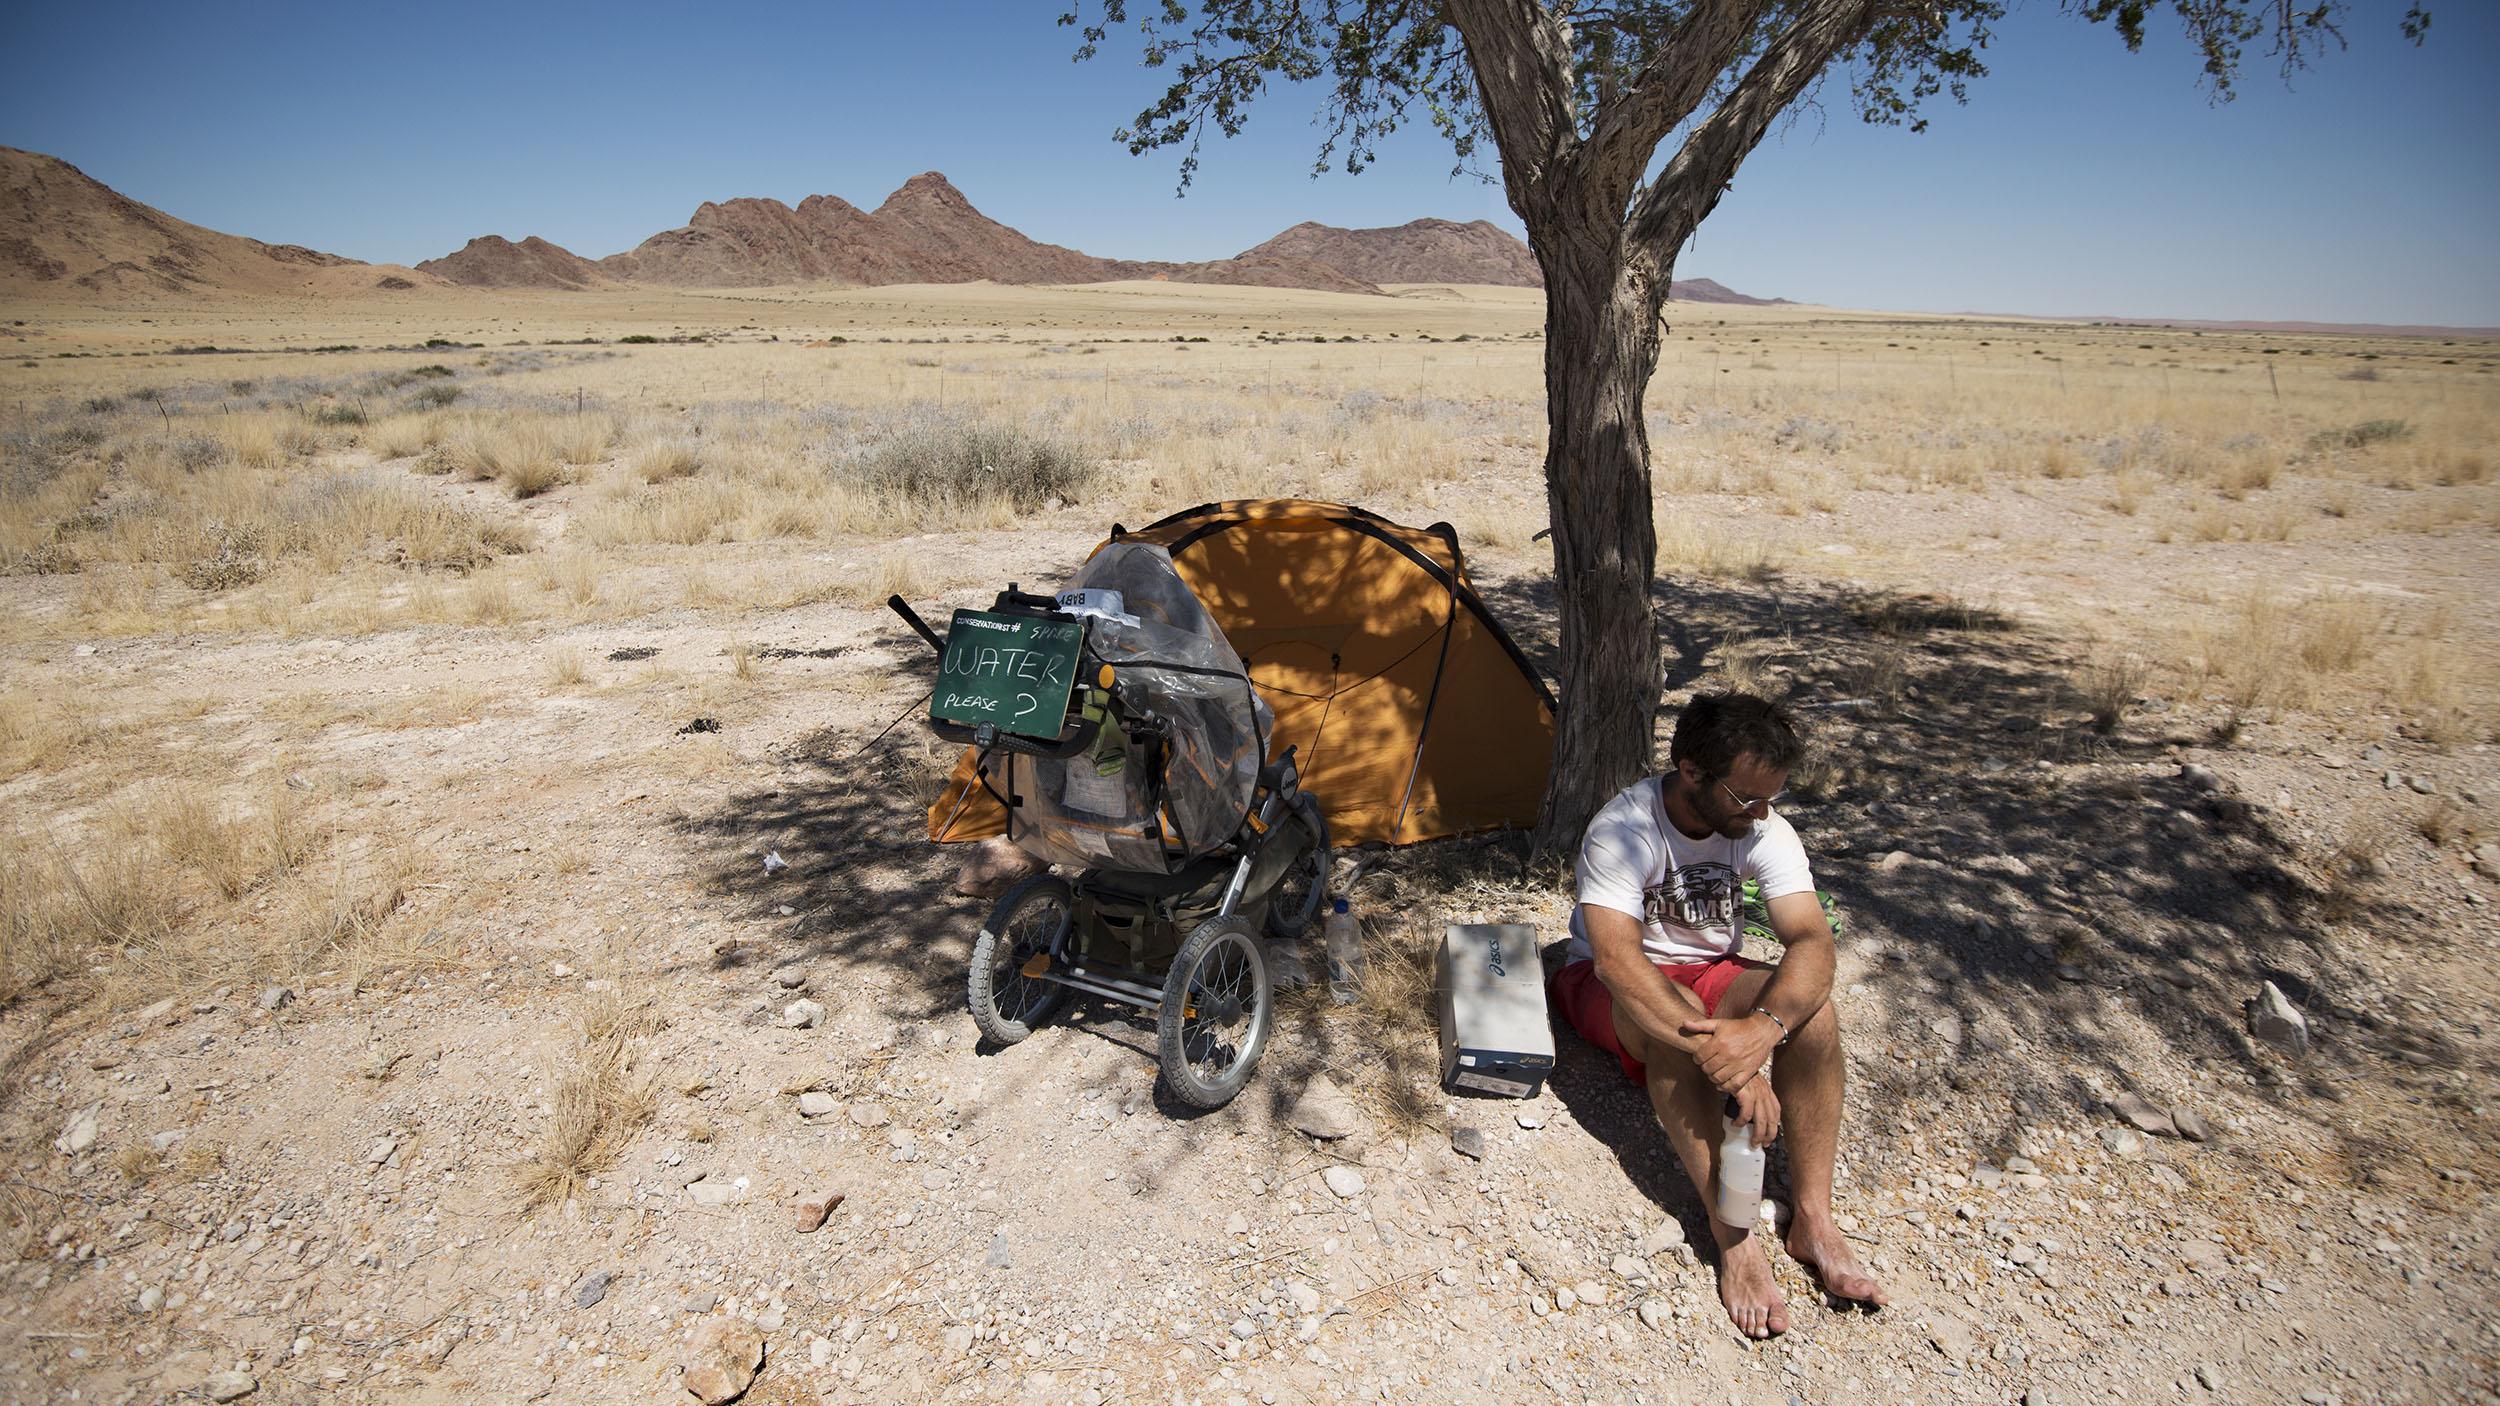 RhysMogranImages_Namibia_ThePenguinRunner_316.jpg